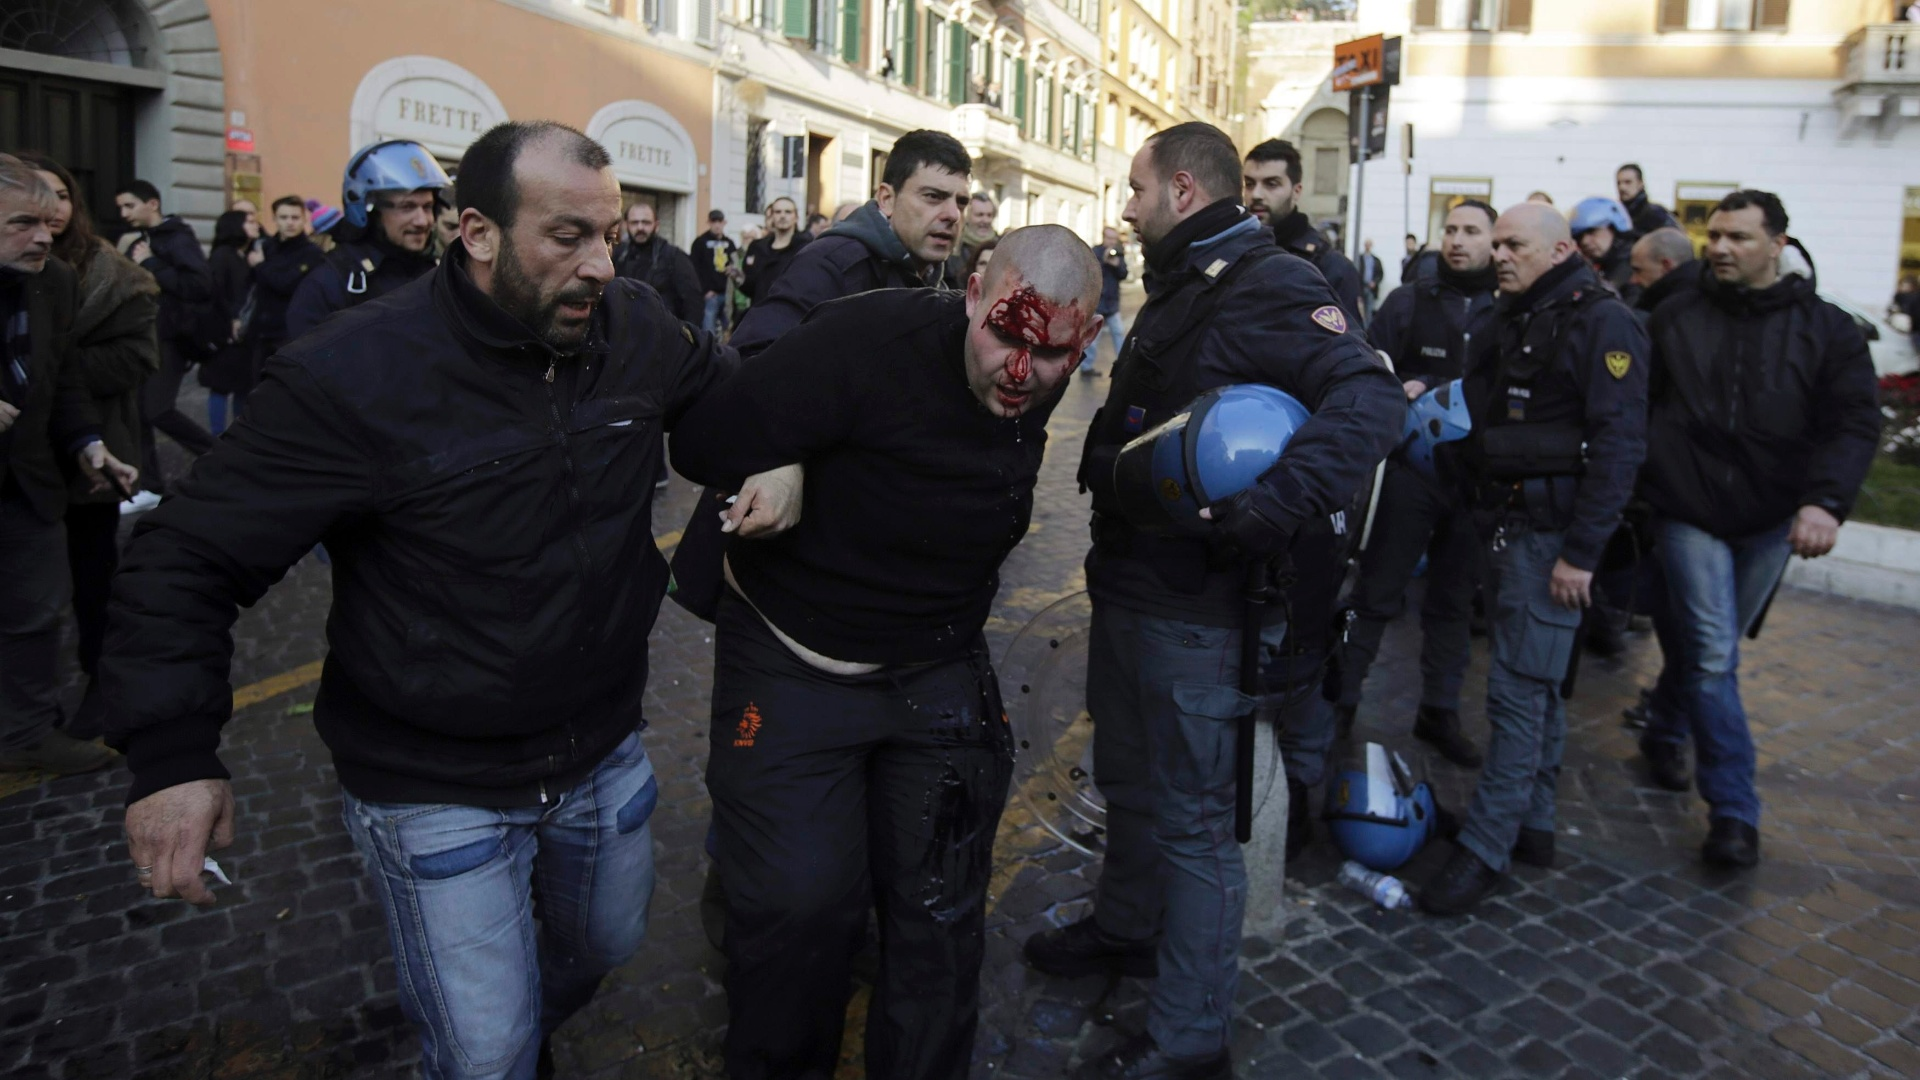 Torcedor ferido é detido após confronto com policiais italianos